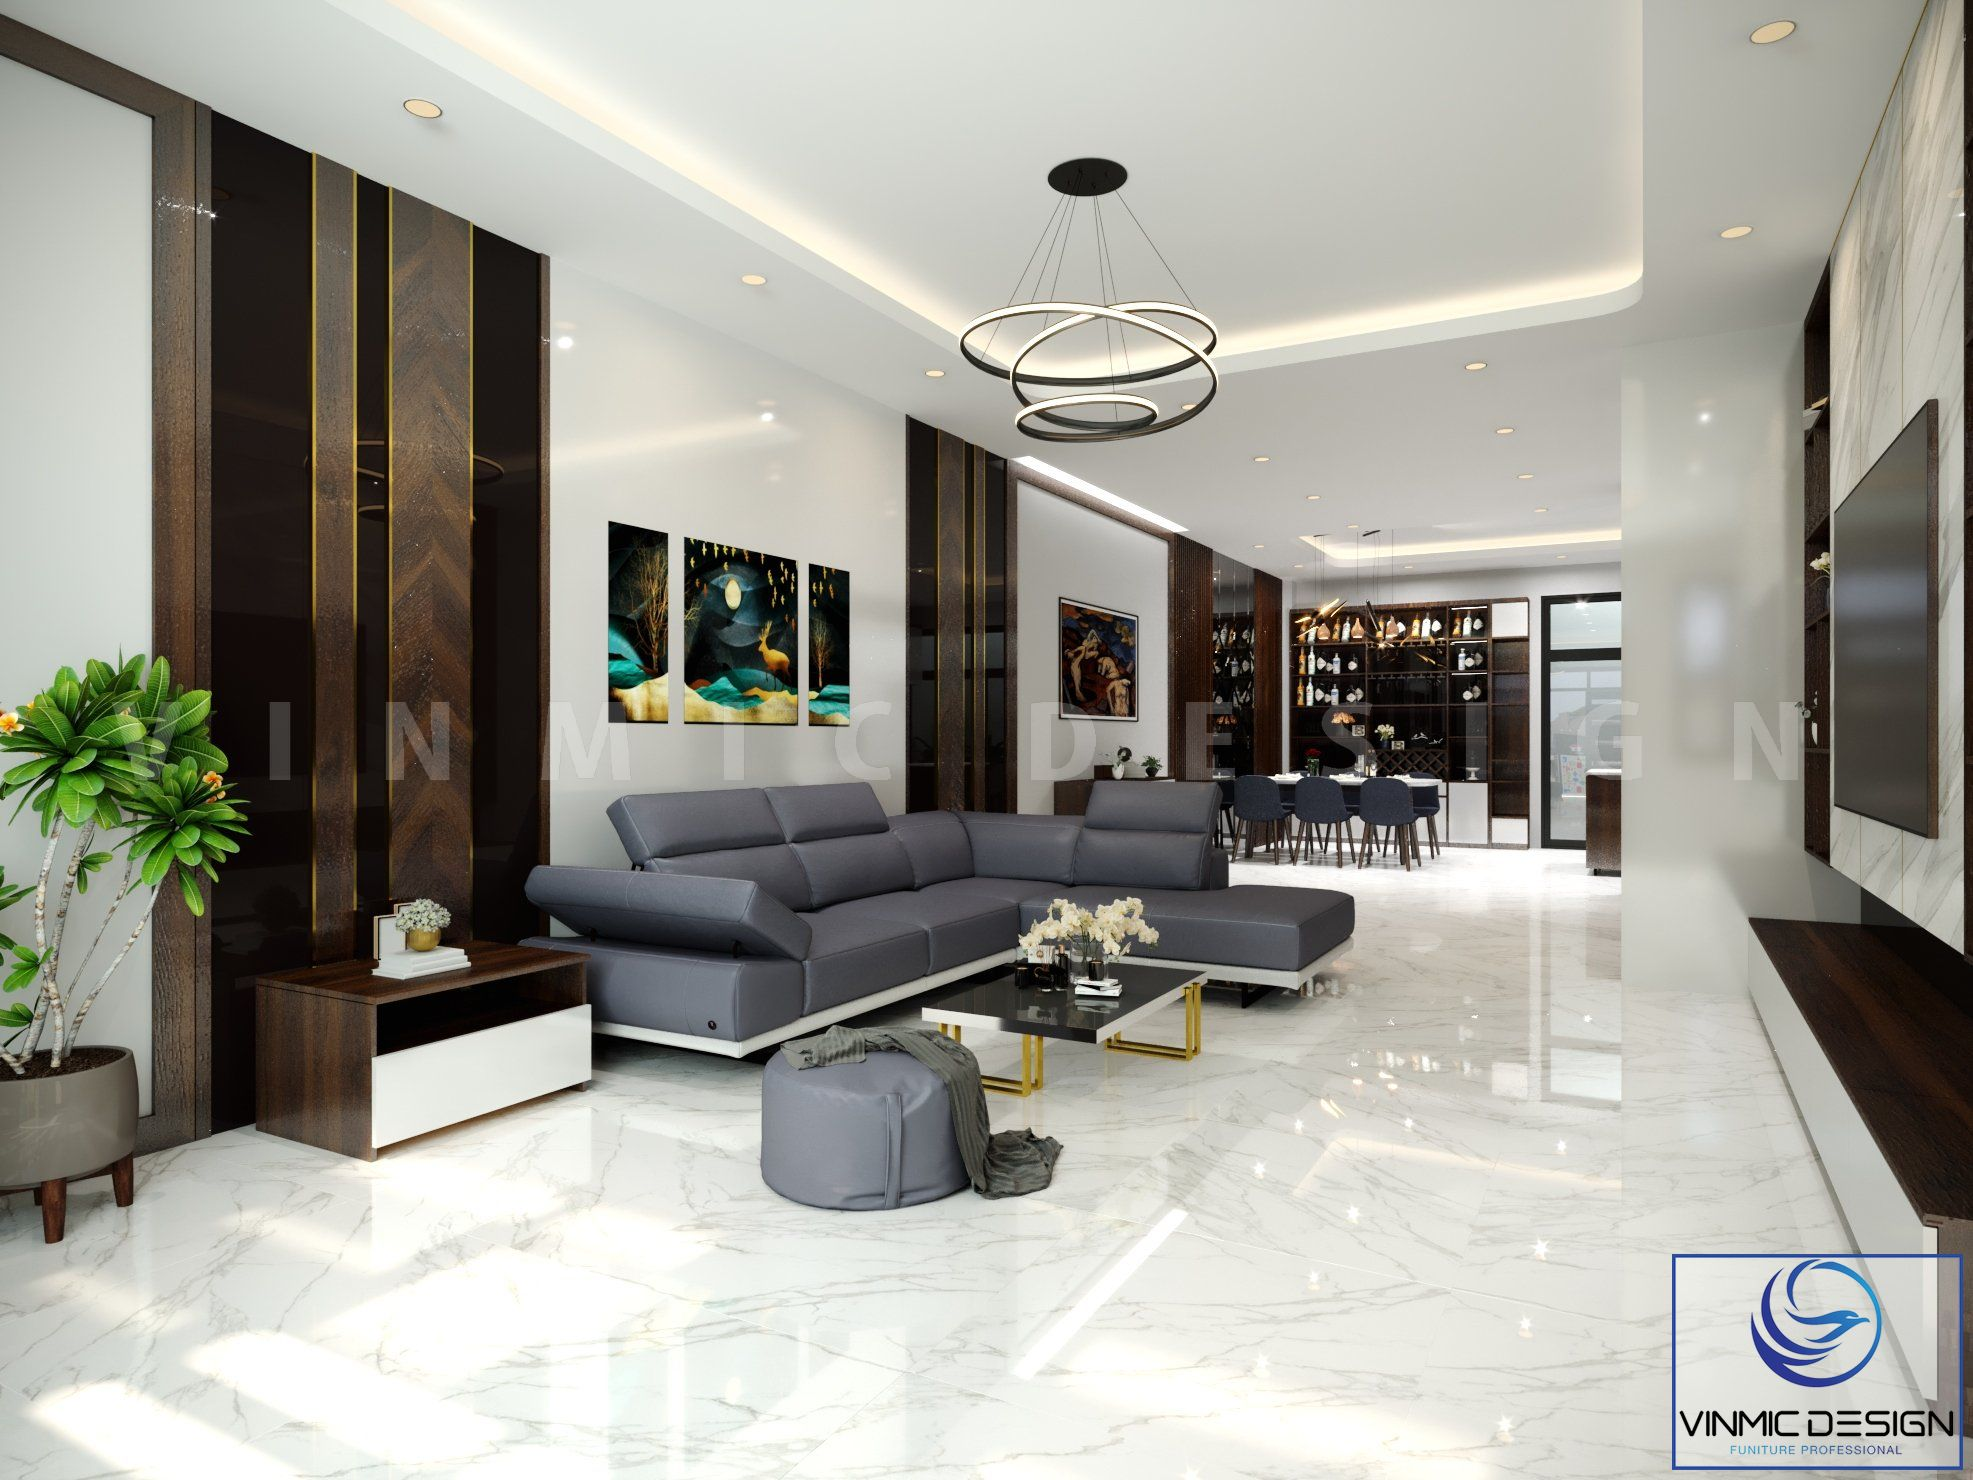 Phòng khách được nổi bật với bộ sô pha nhập khẩu